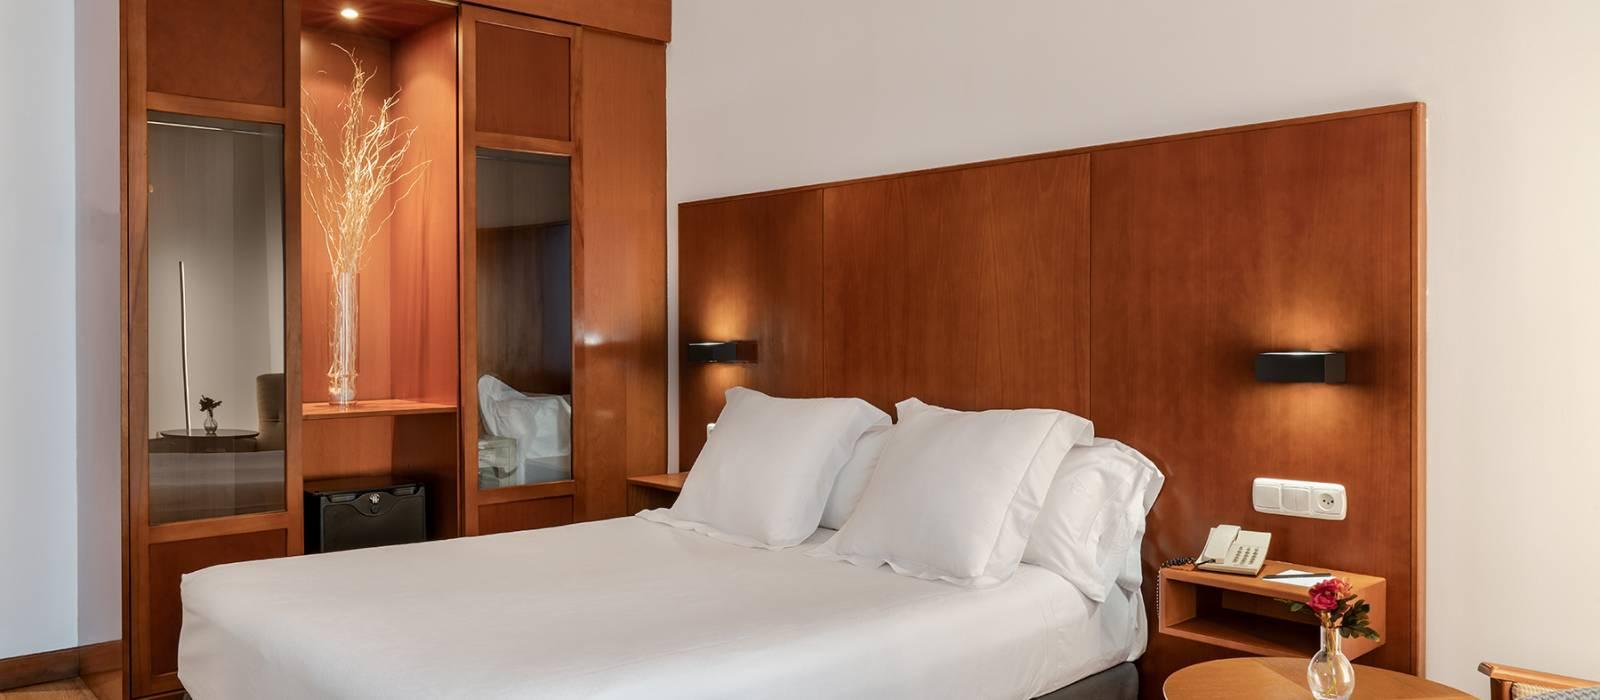 Doppelzimmer. Hotel Ciudad de Salamanca - Vincci Hoteles